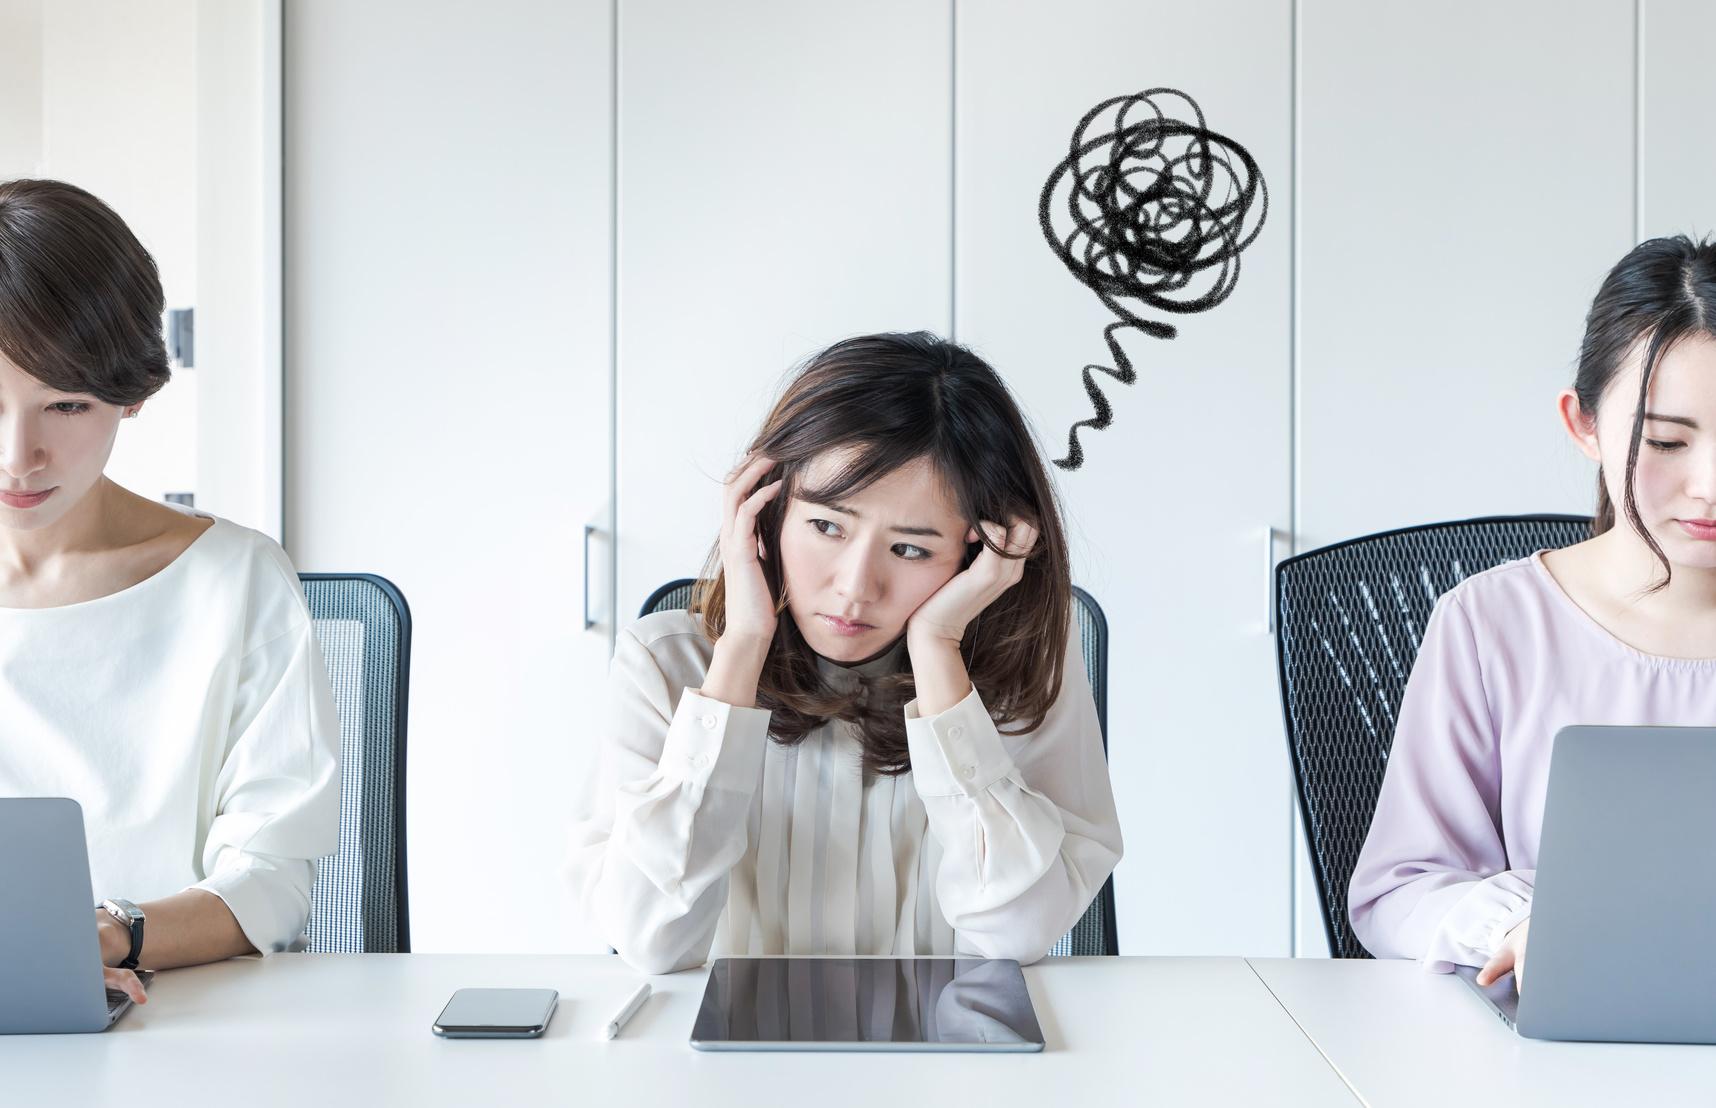 しつこい疲れは副腎疲労が原因かも